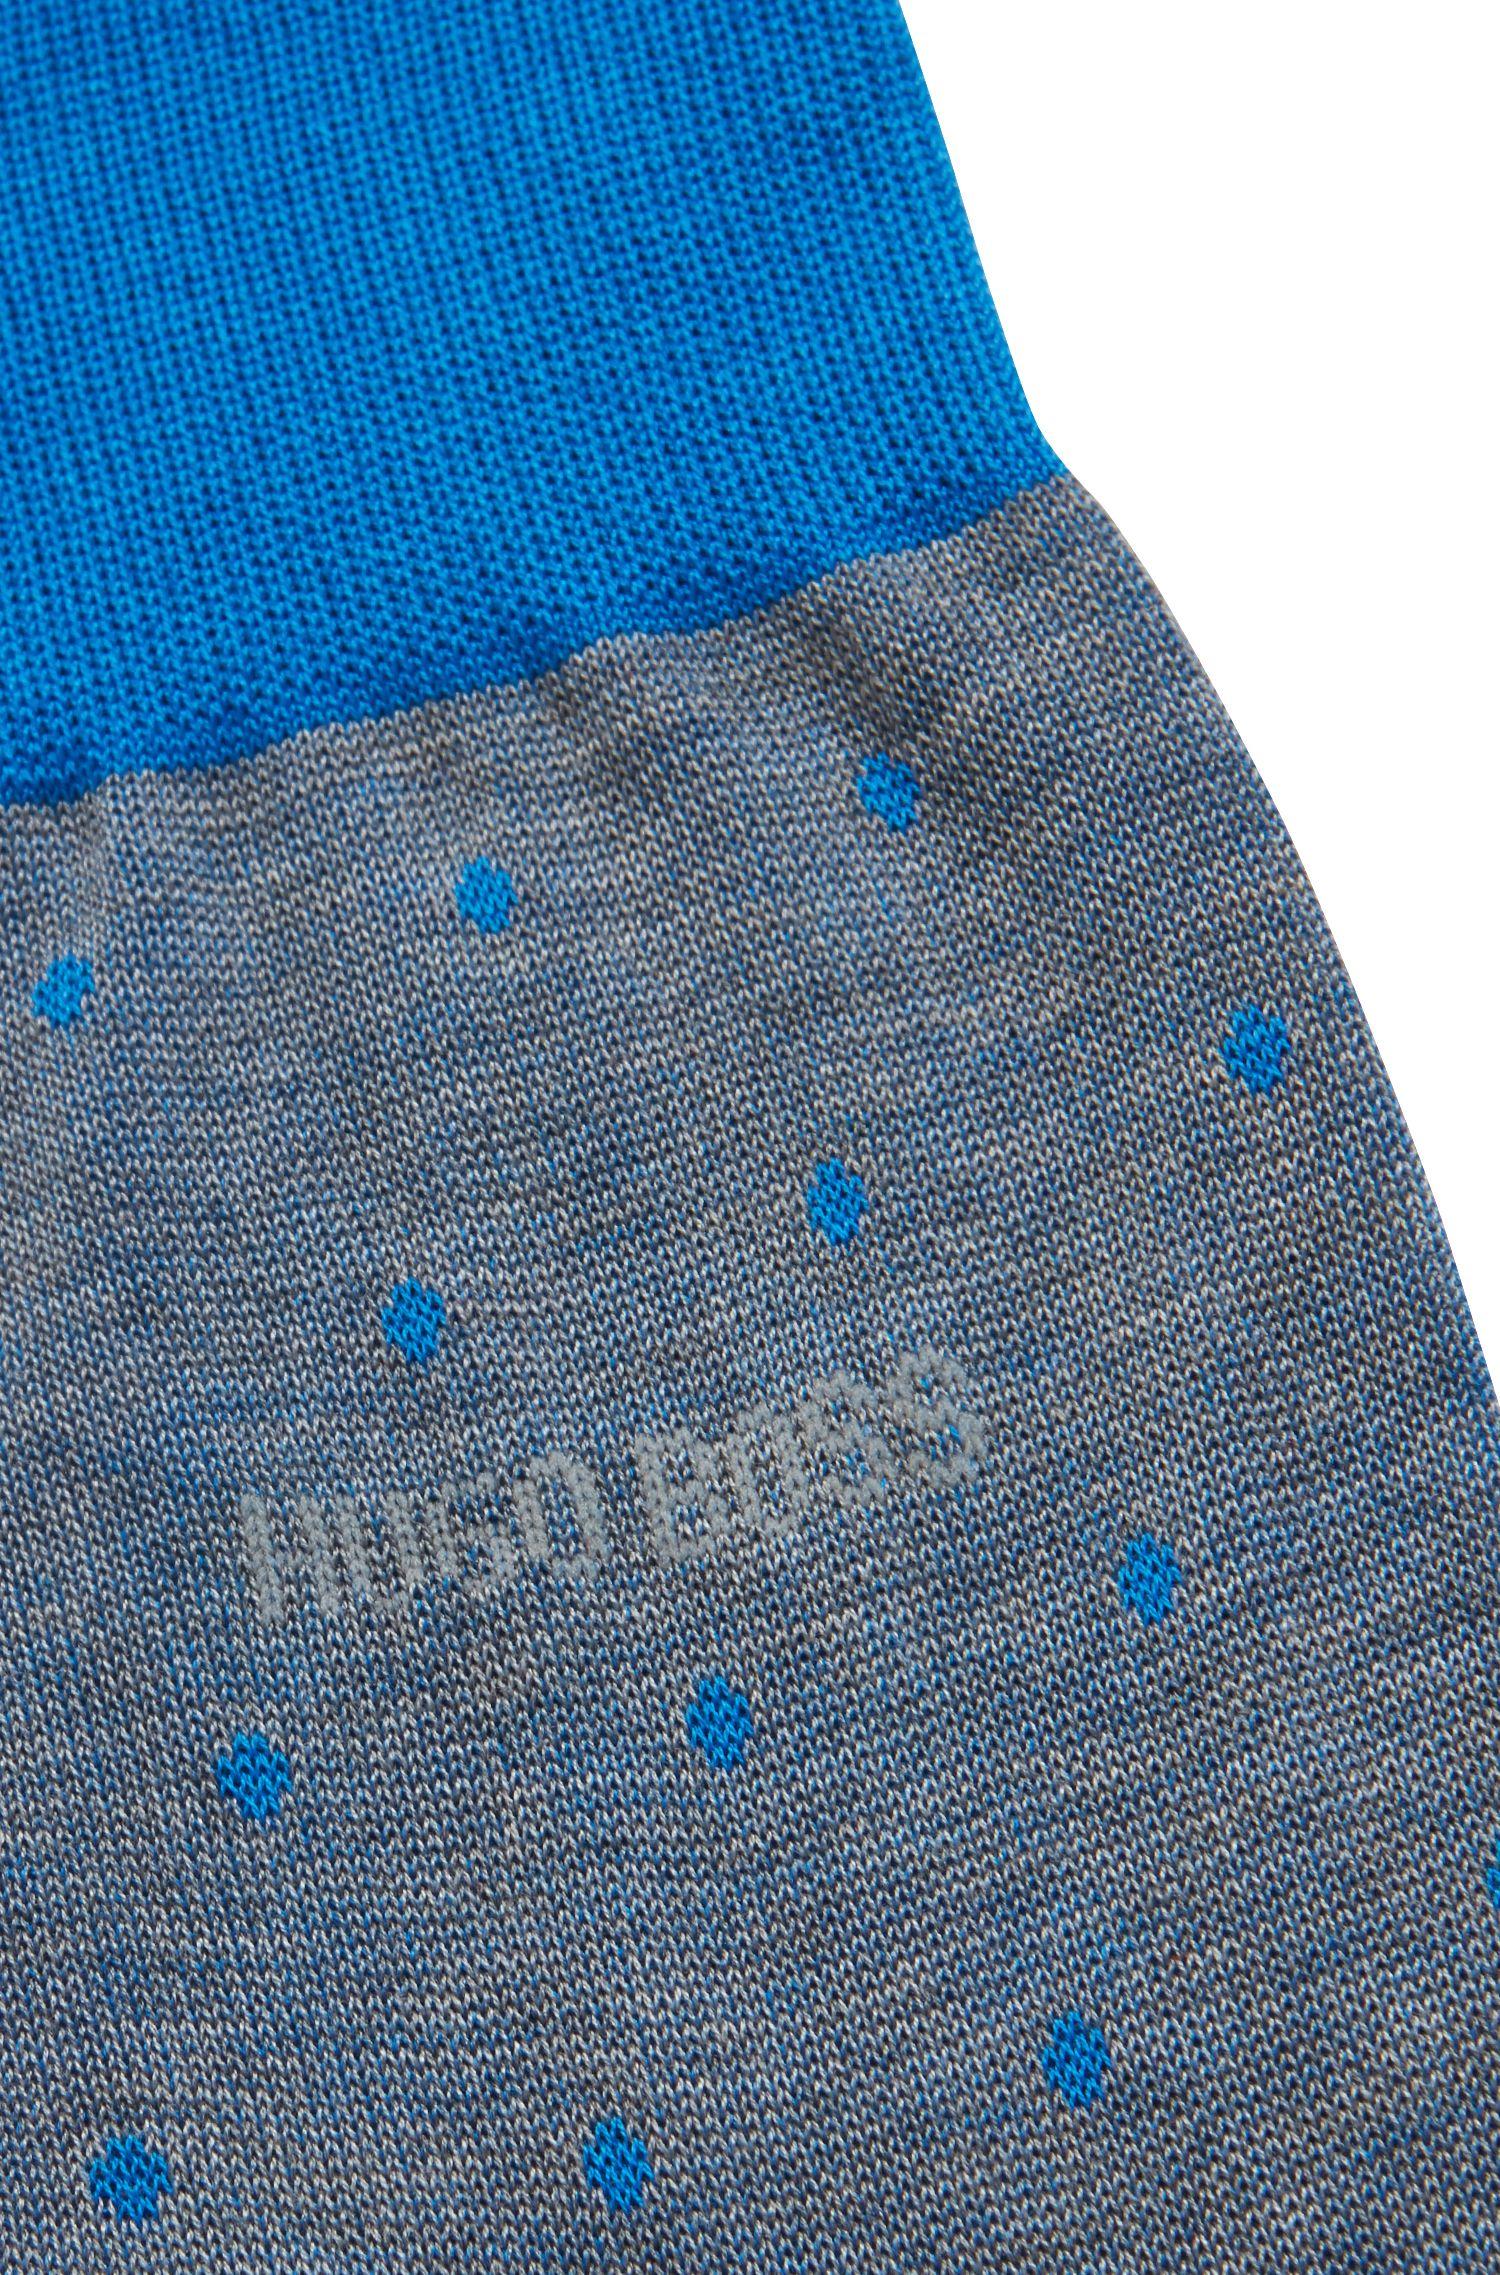 Chaussettes légères en coton mercerisé à pois, Bleu vif